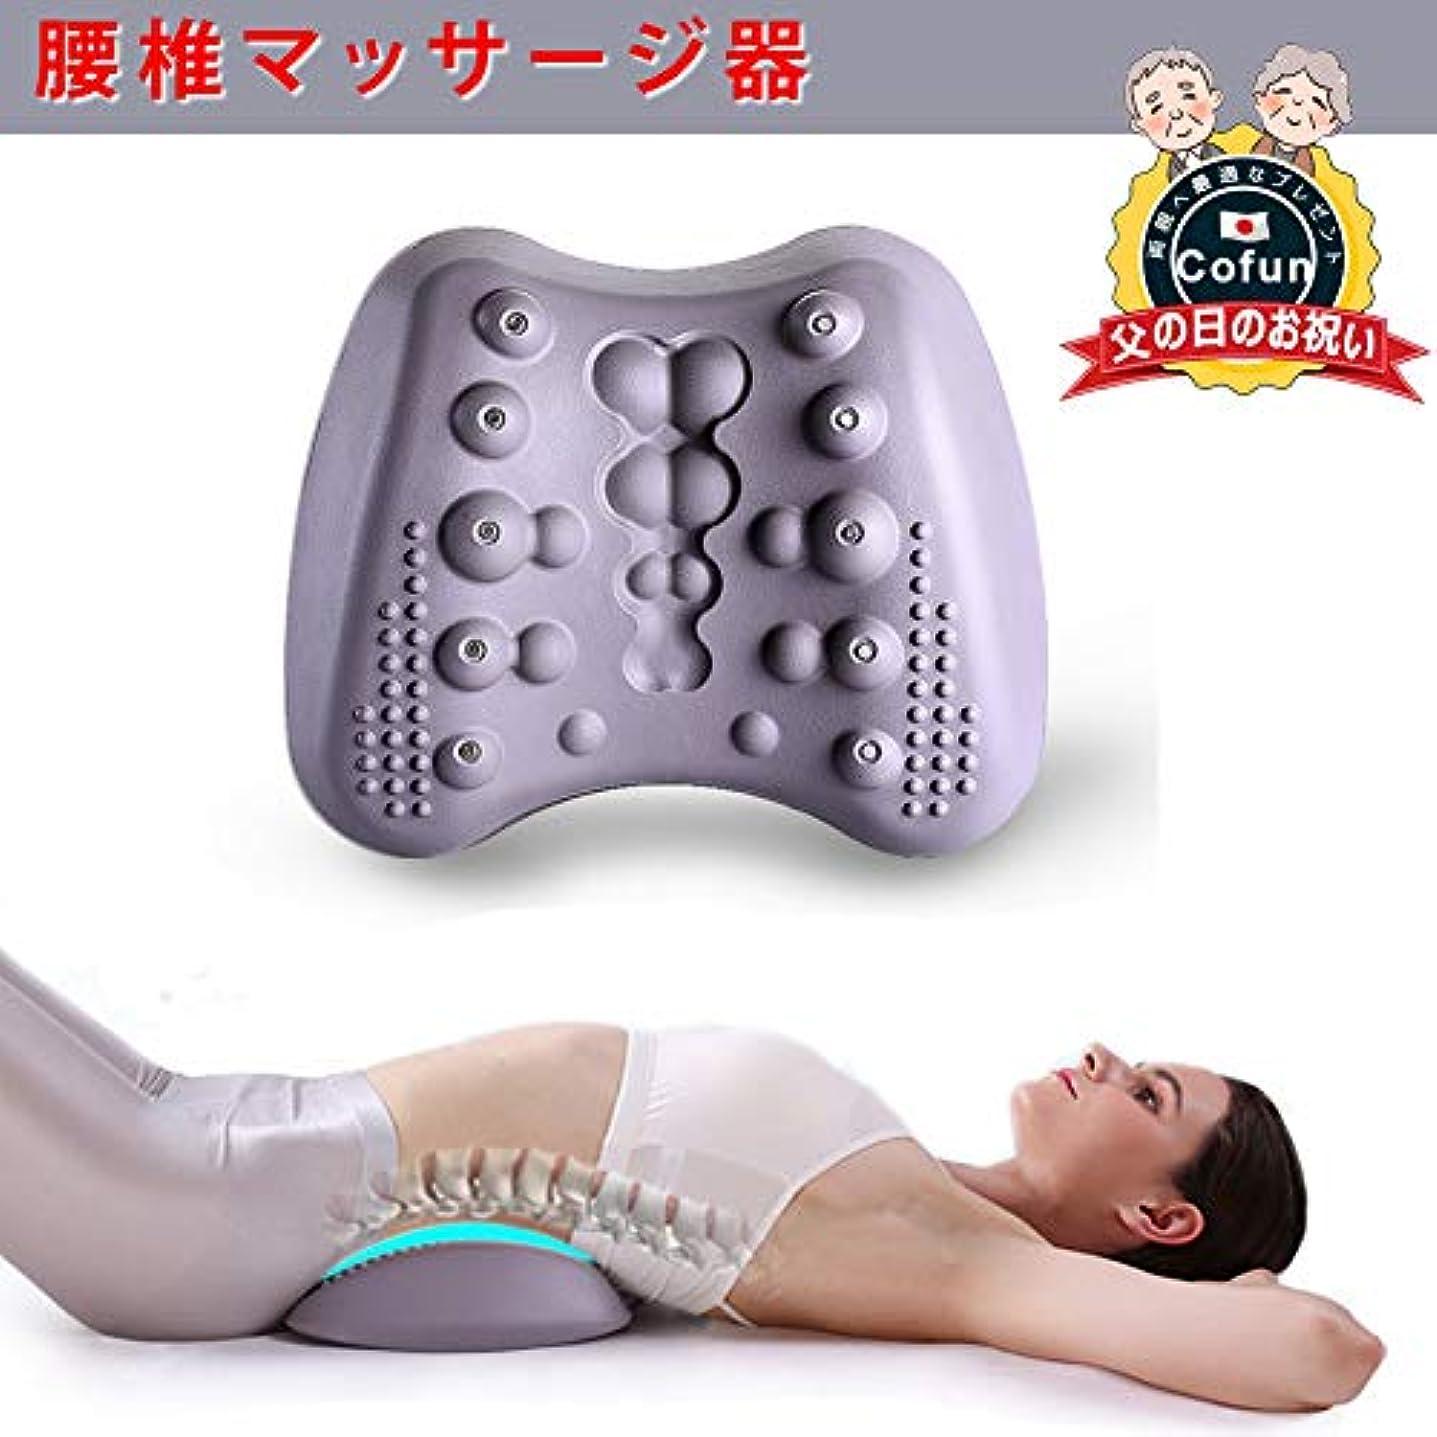 アルファベット一回評議会腰椎矯正器 腰マッサージ器 脊椎牽引器 腰部パッド マグネット指圧 疲労を和らげる 腰痛を和らげる